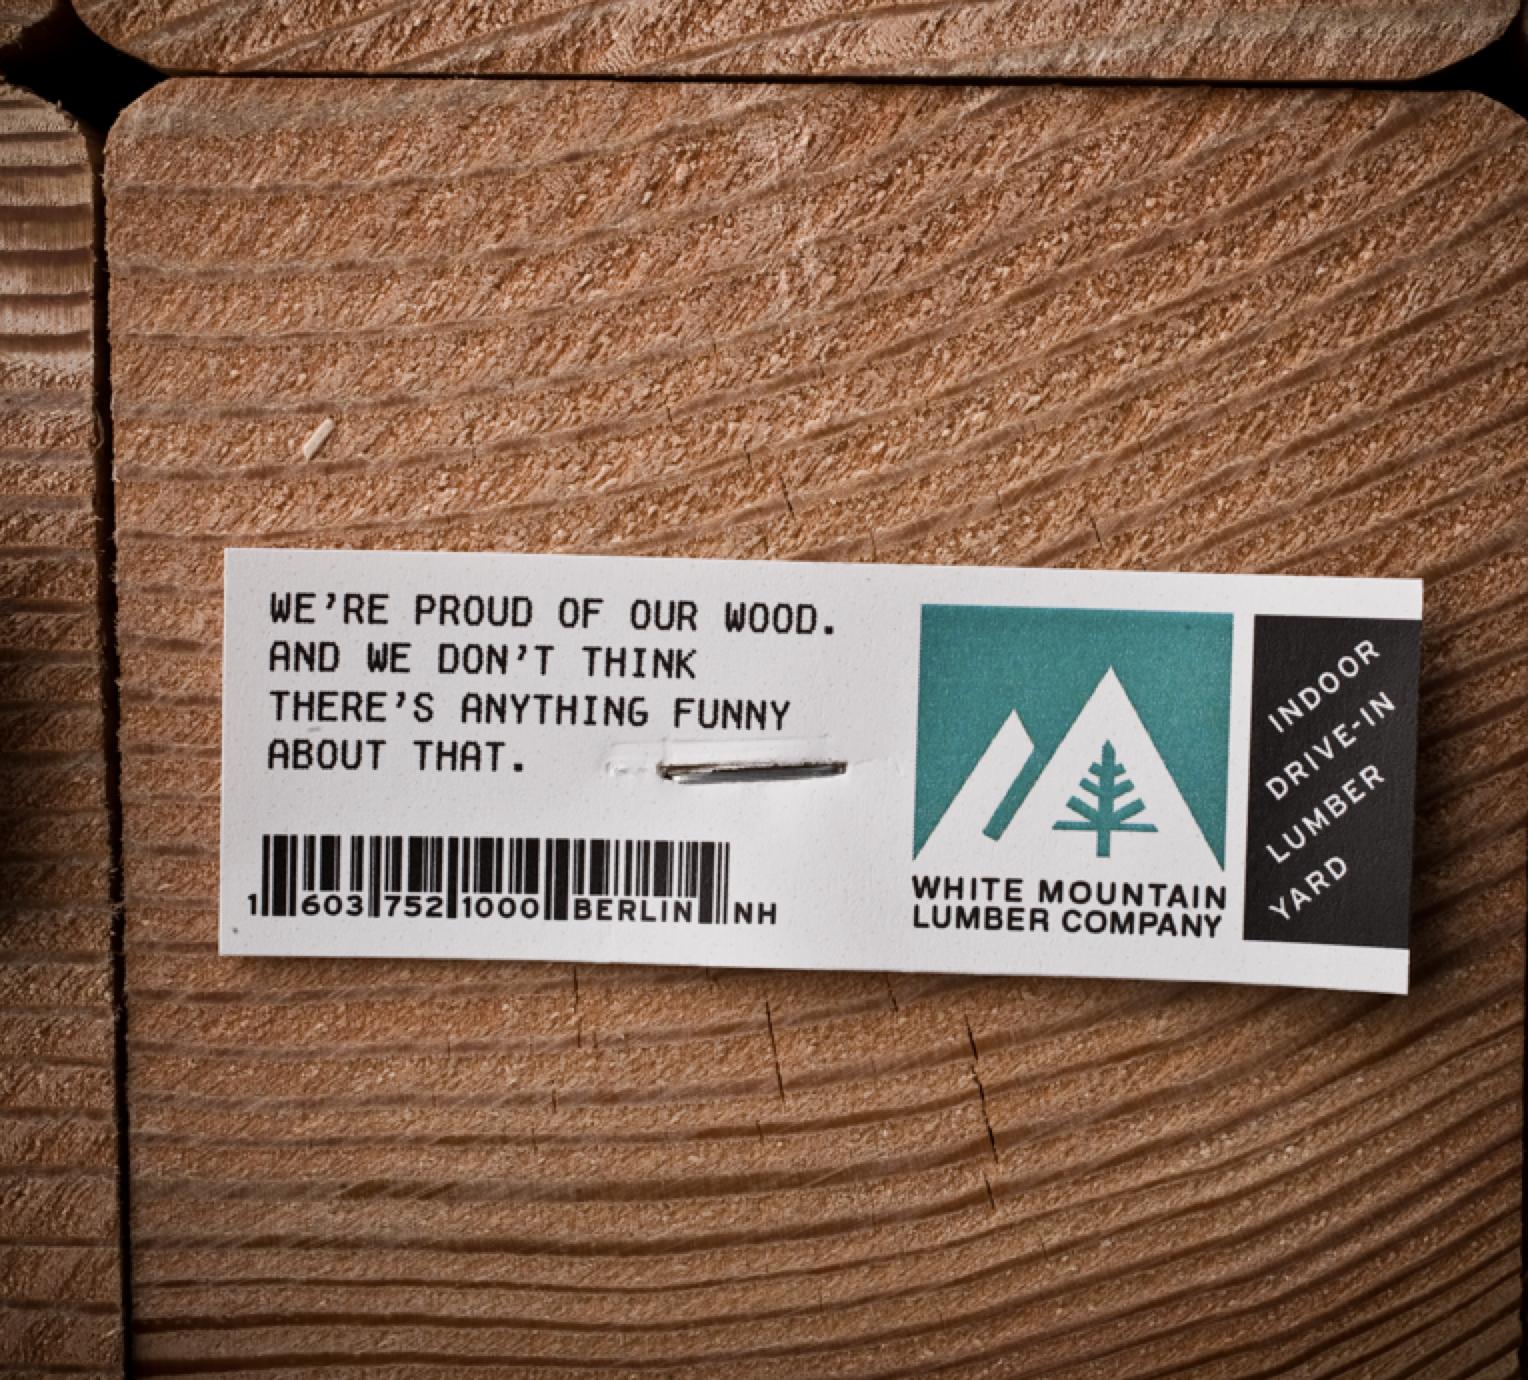 White Mountain Lumber